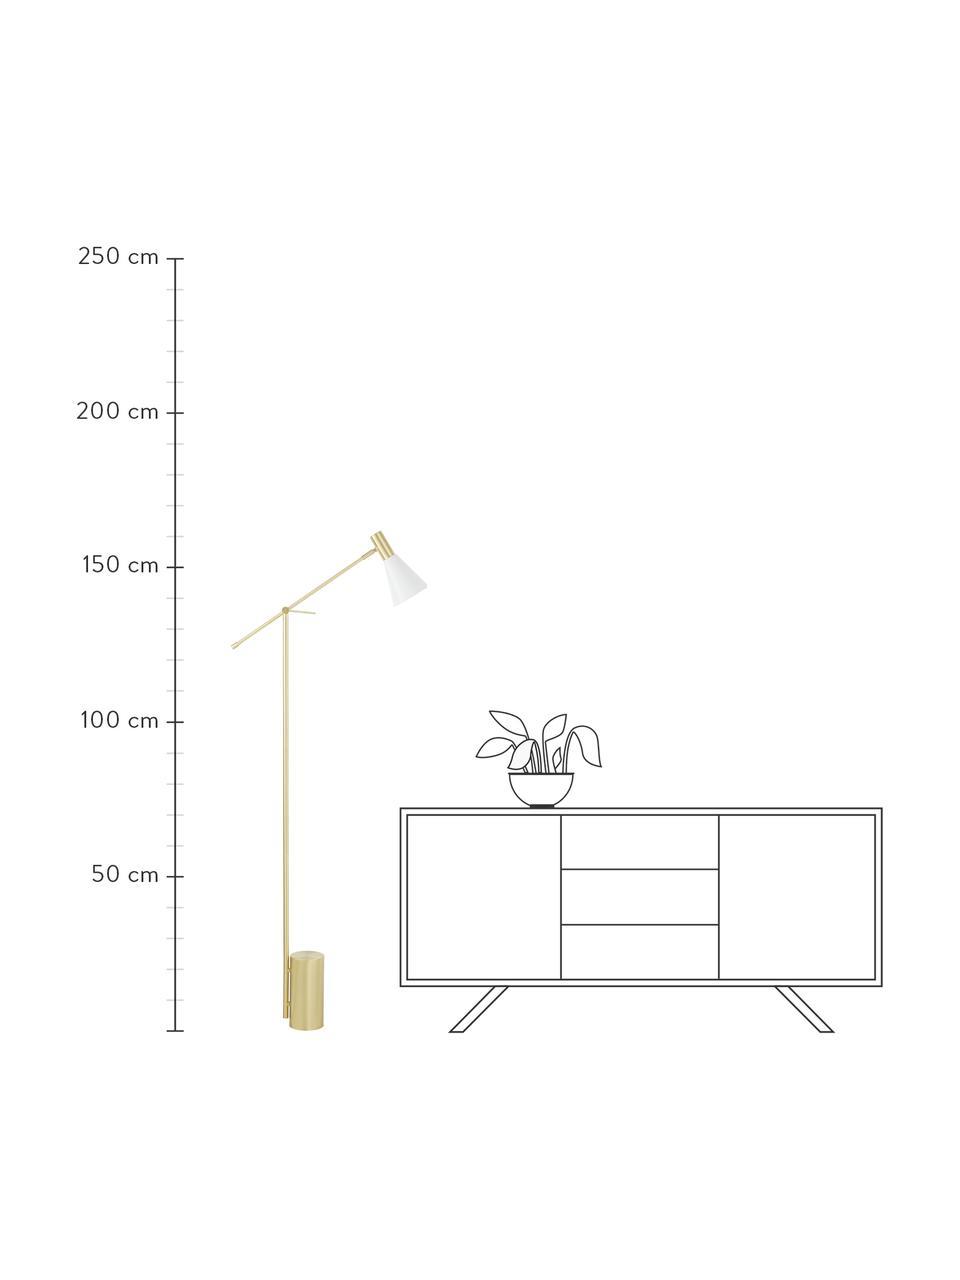 Leselampe Sia in Weiß-Gold, Lampenschirm: Metall, pulverbeschichtet, Lampenfuß: Metall, vermessingt, Weiß, Messingfarben, T 60 x H 162 cm